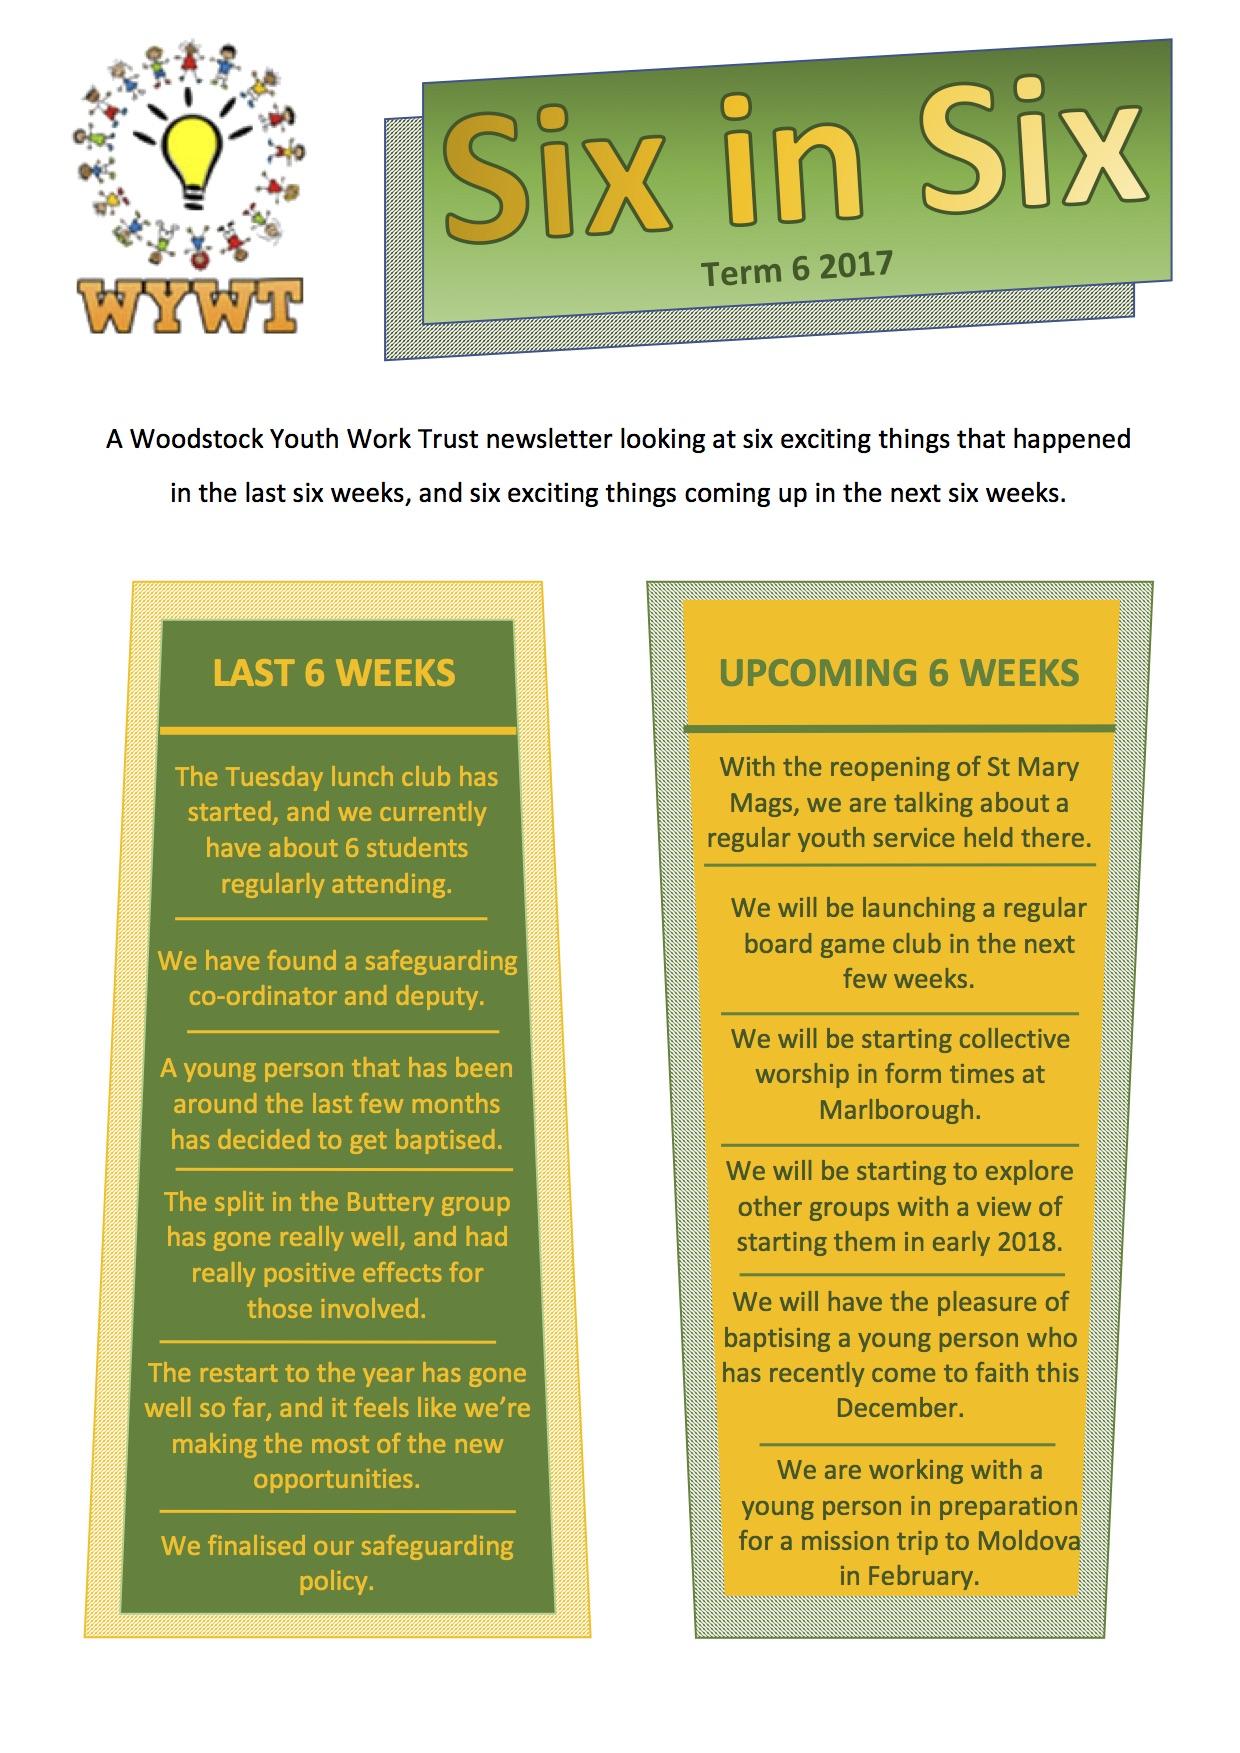 Woodstock youth Christian newsletter